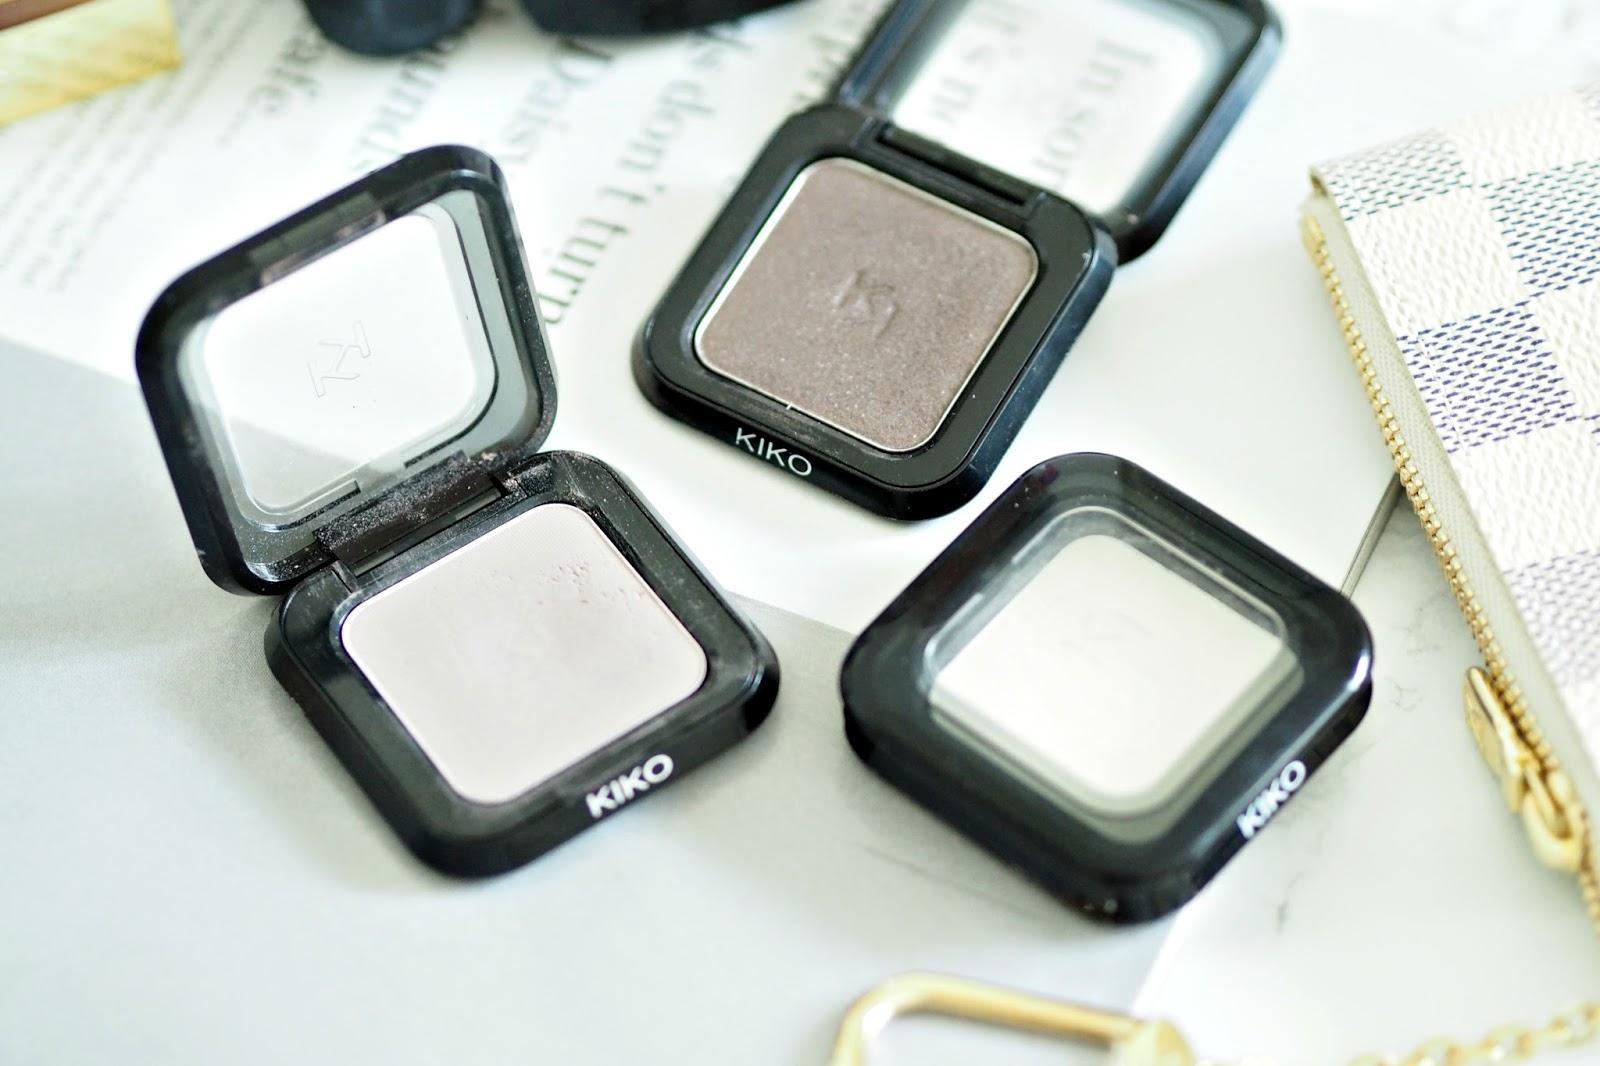 Kiko High Pigment Eyeshadows - Shades '01, 08 & 82'